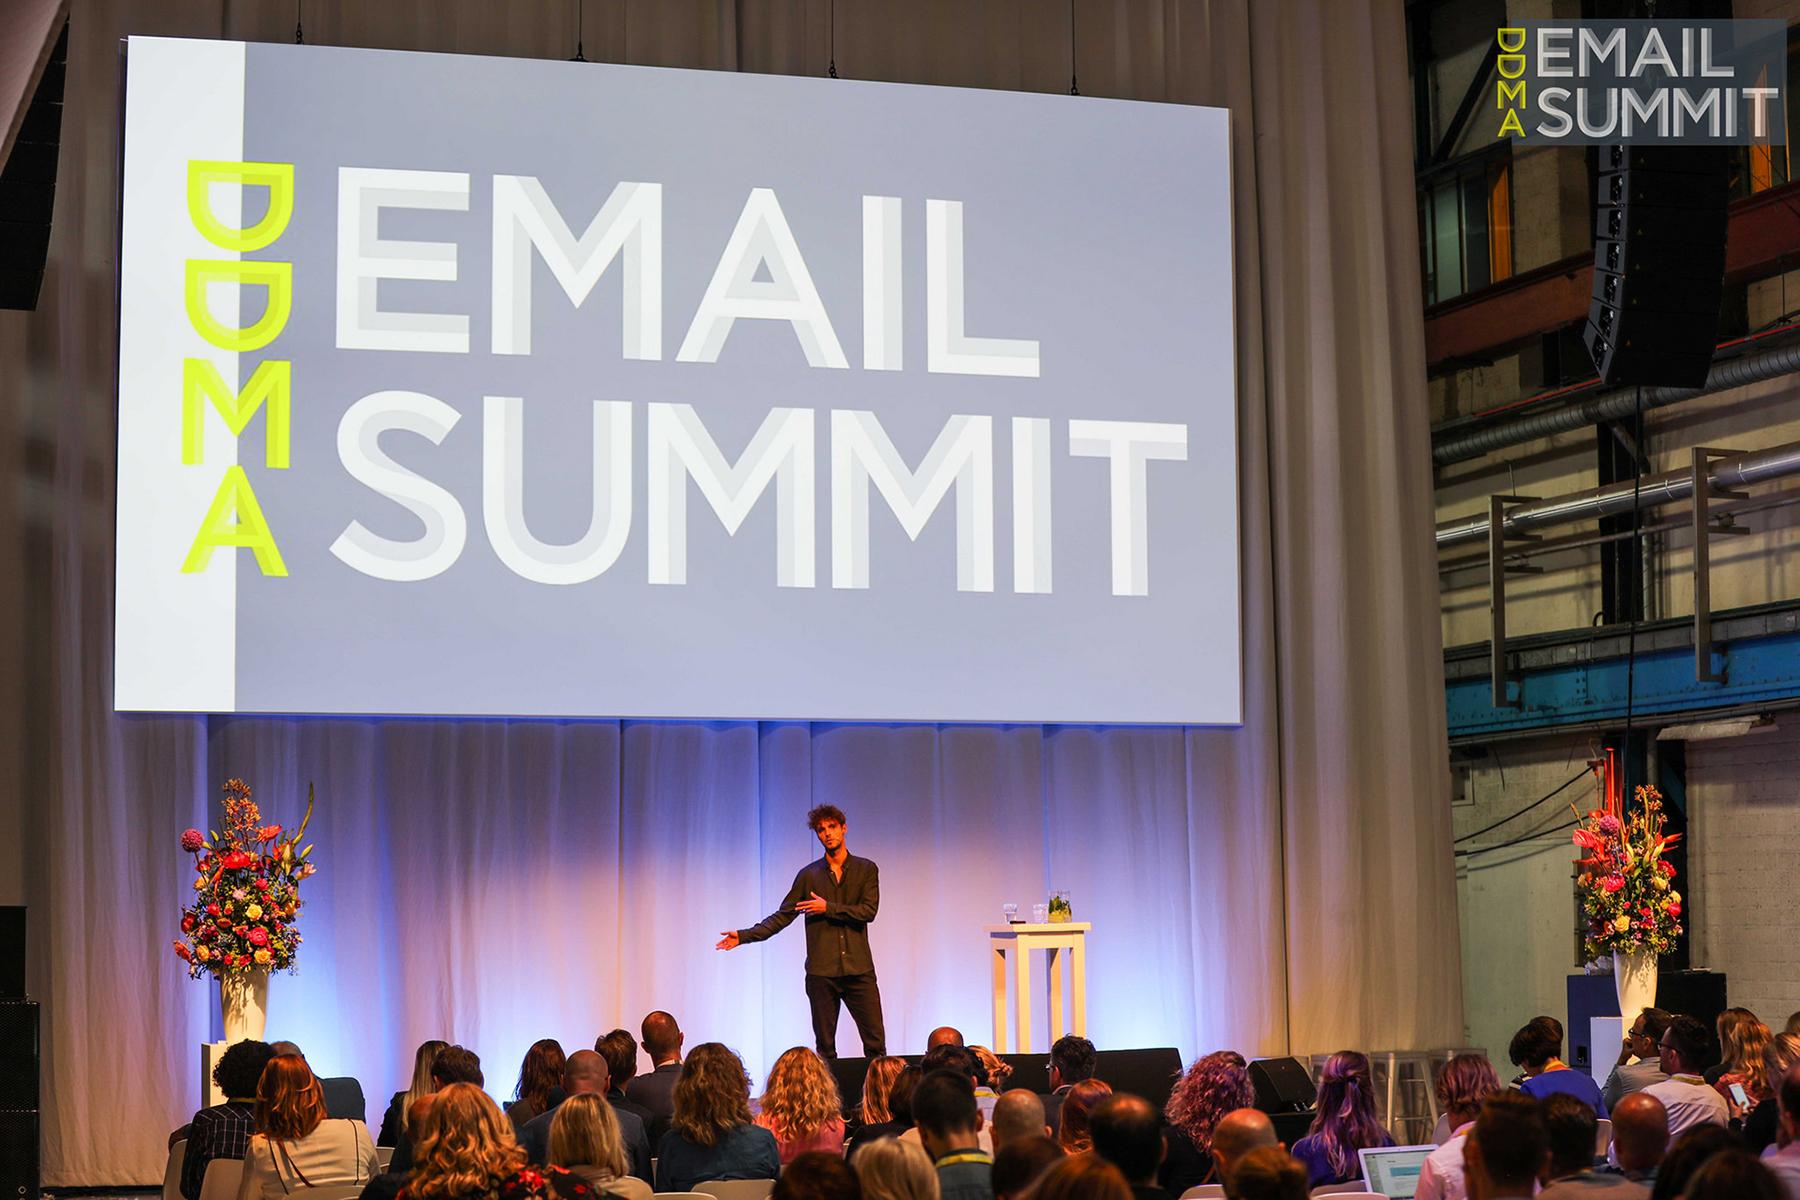 Gepersonaliseerde e-mails sturen? Begin dan met dit aanmeldproces